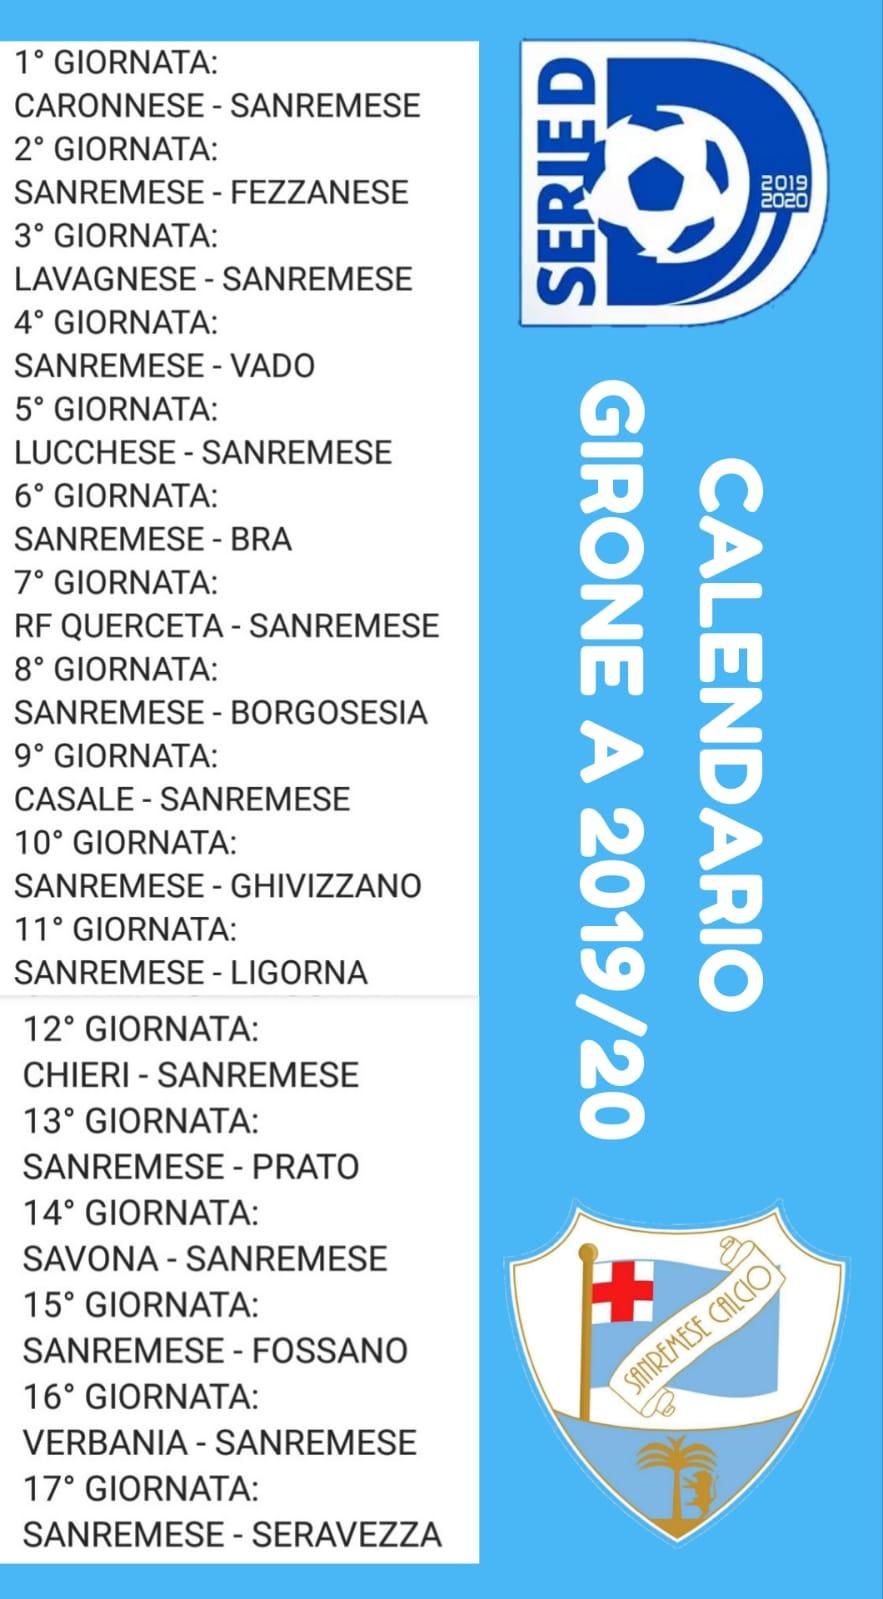 Calendario Serie A 11 Giornata.Serie D Calendario Della Stagione 2019 2020 La Sanremese